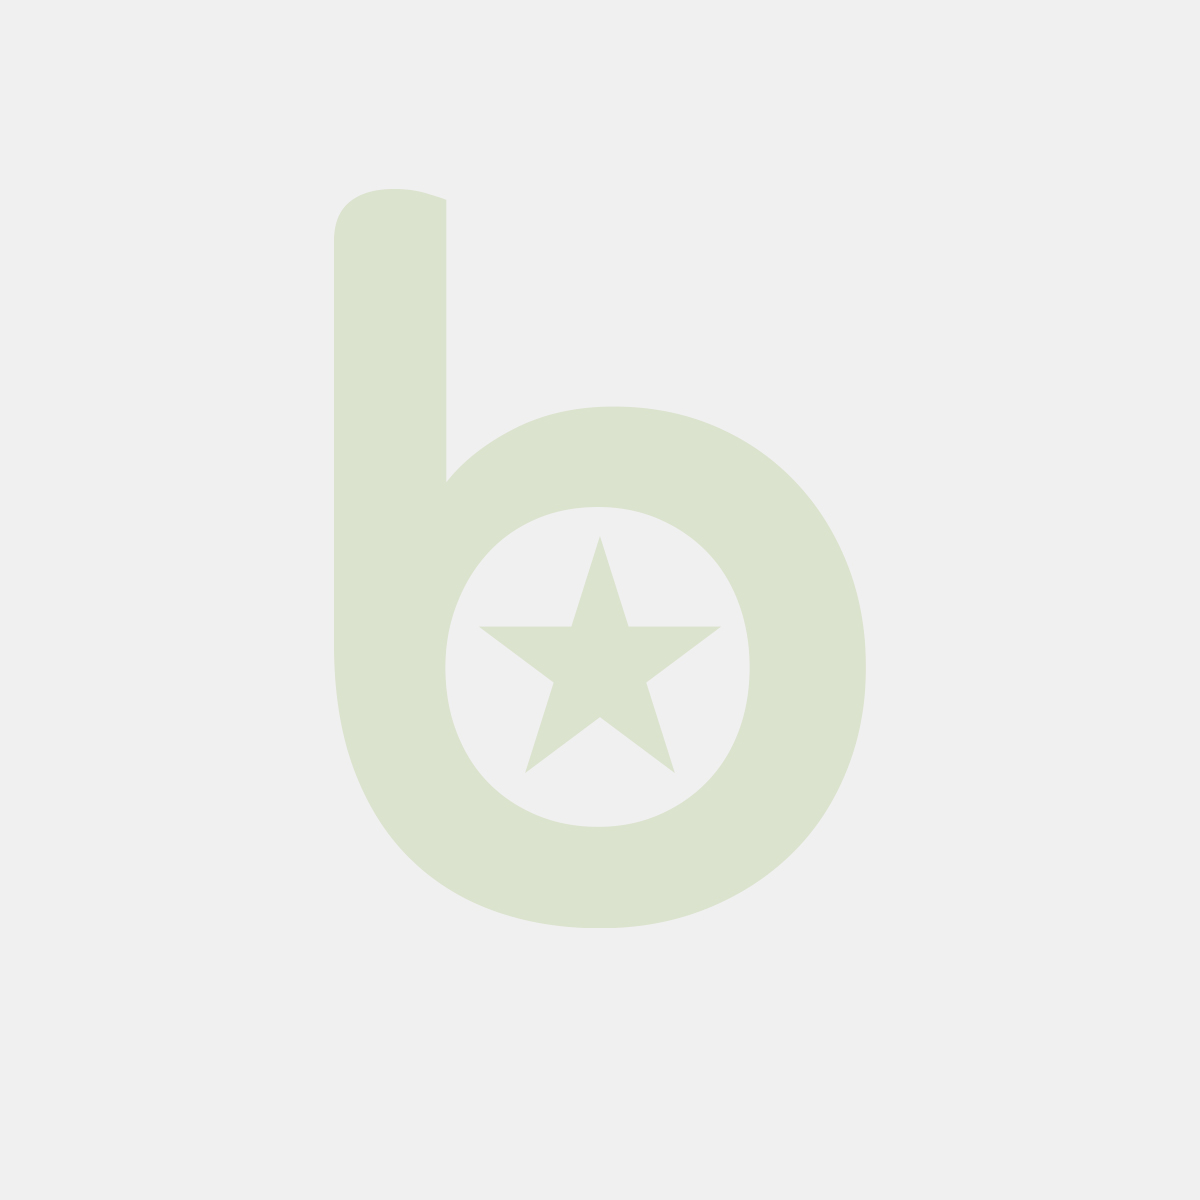 Świece pieńkowe IVORY 10cm kość słoniowa fi 80mm op. 2 sztuki